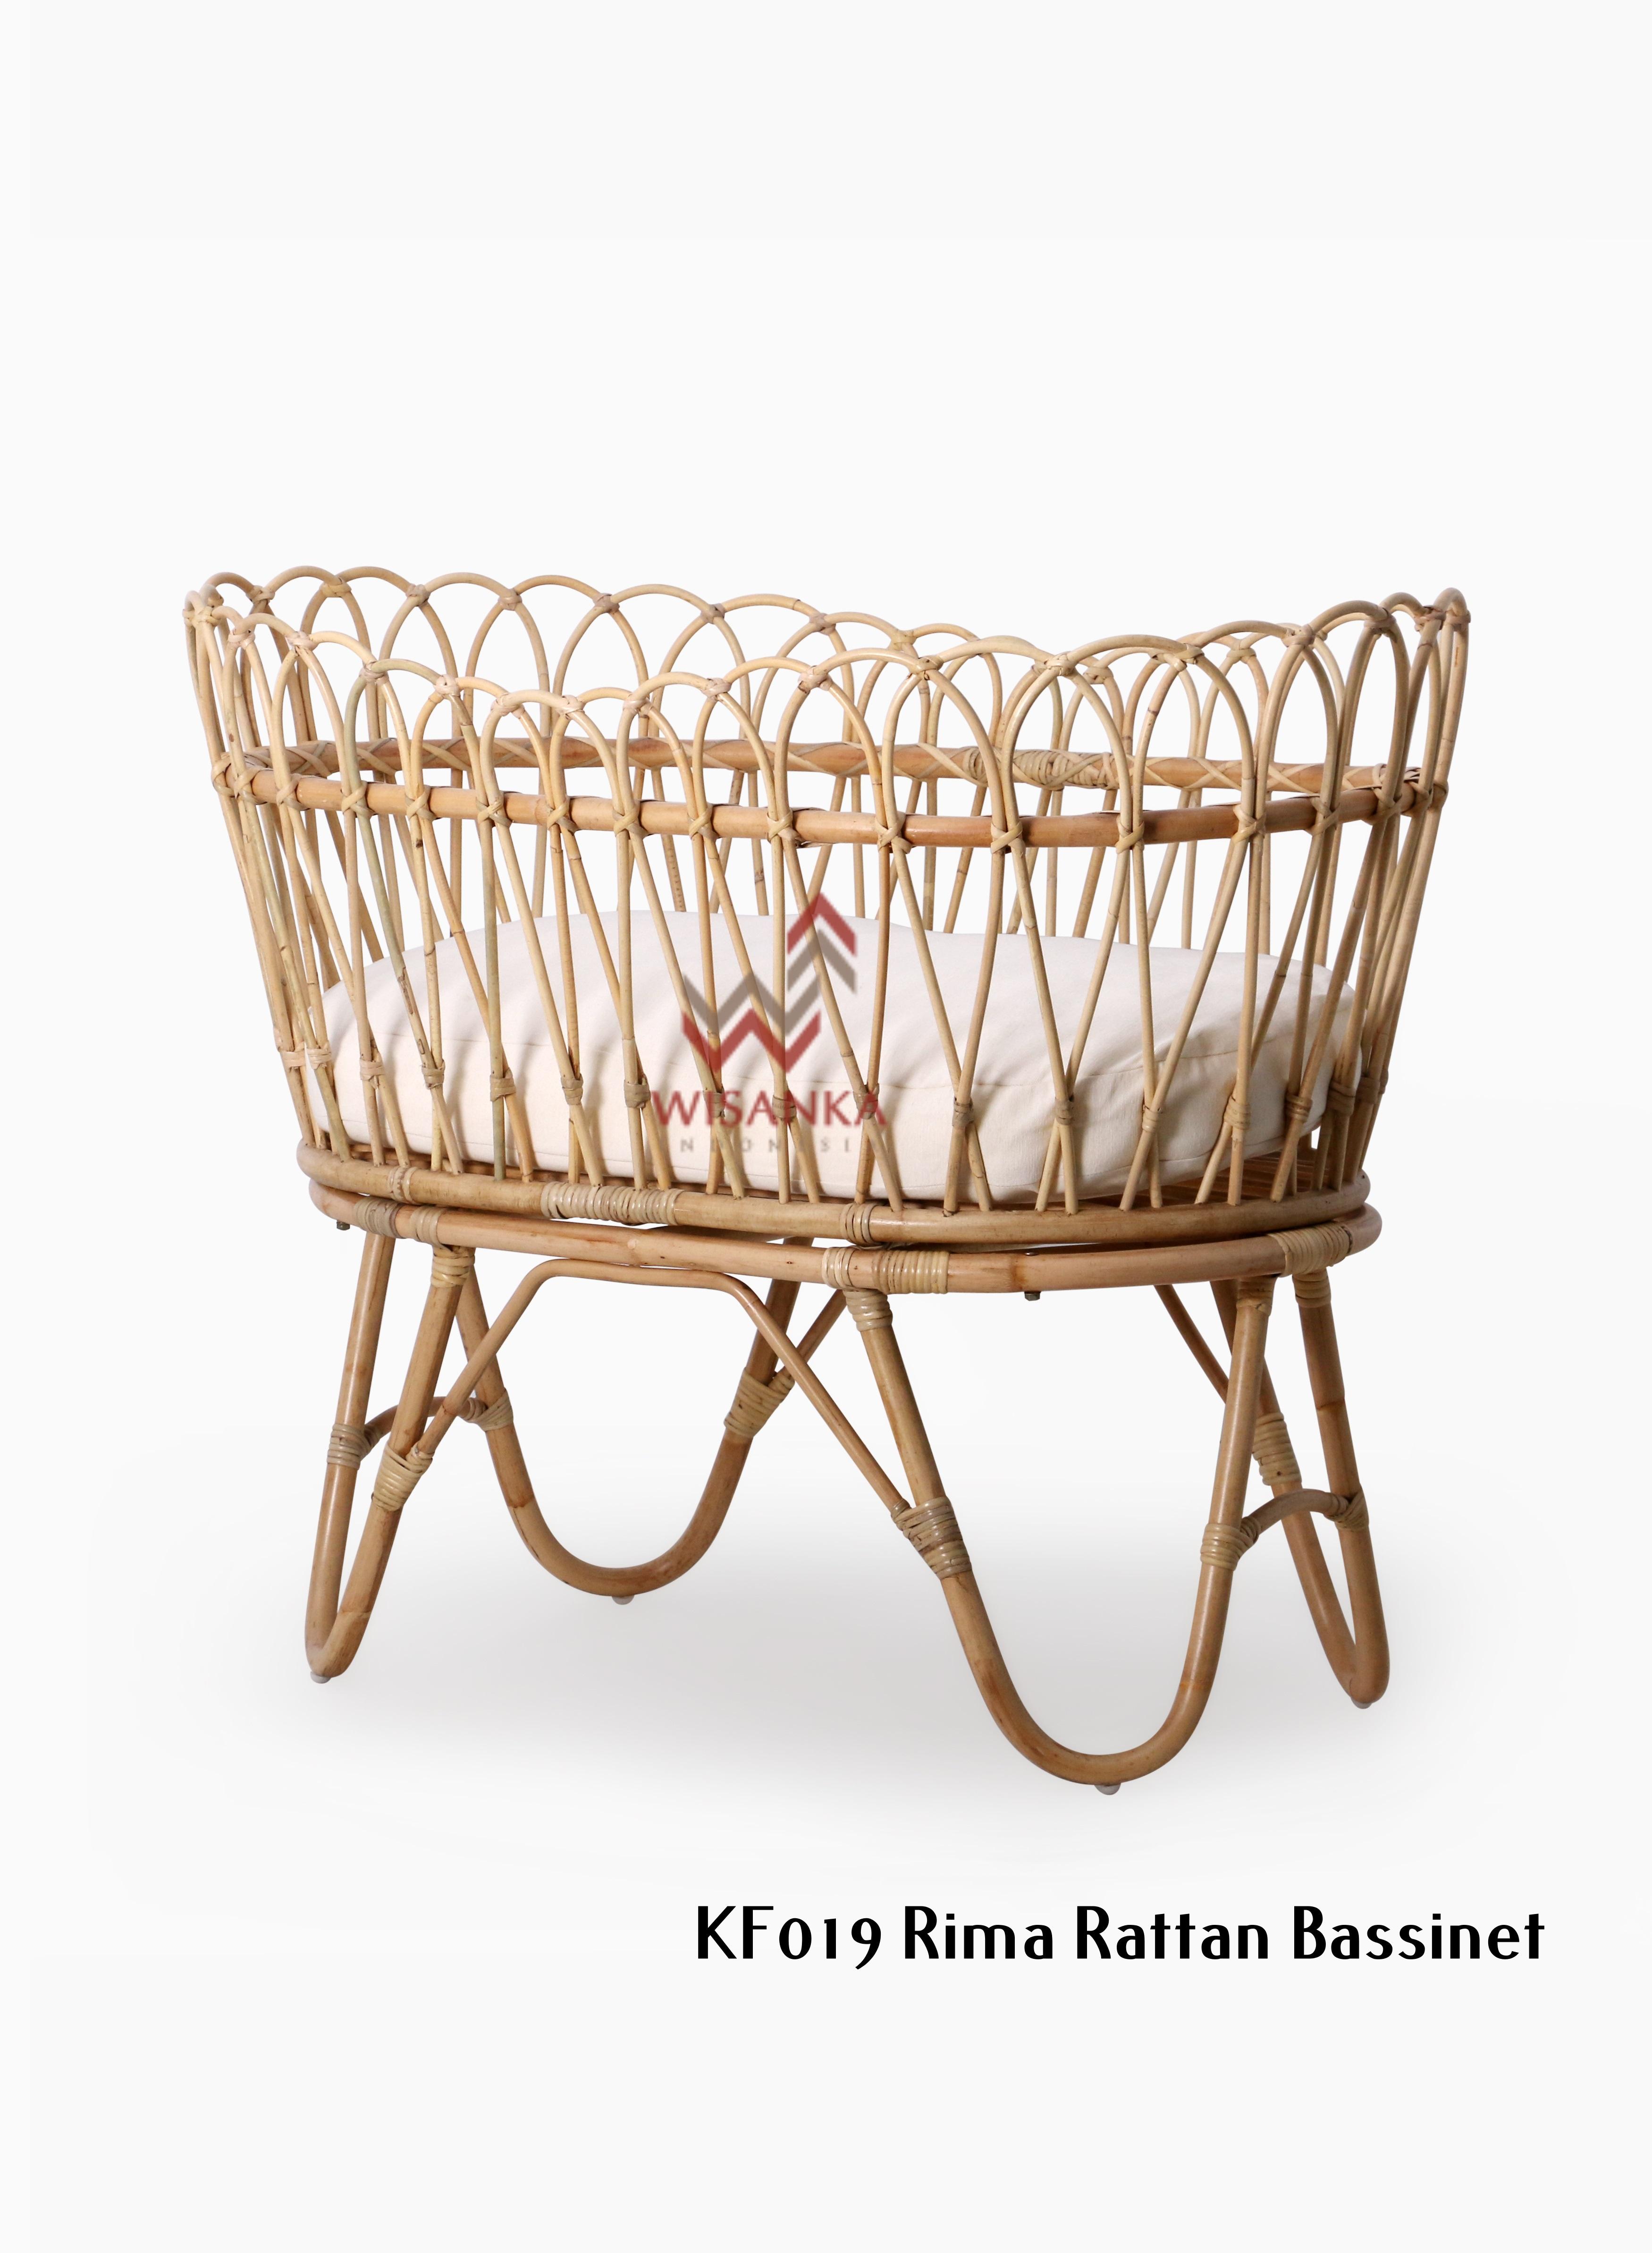 Rima Rattan Bassinet Natural Rattan Furniture Wholesale